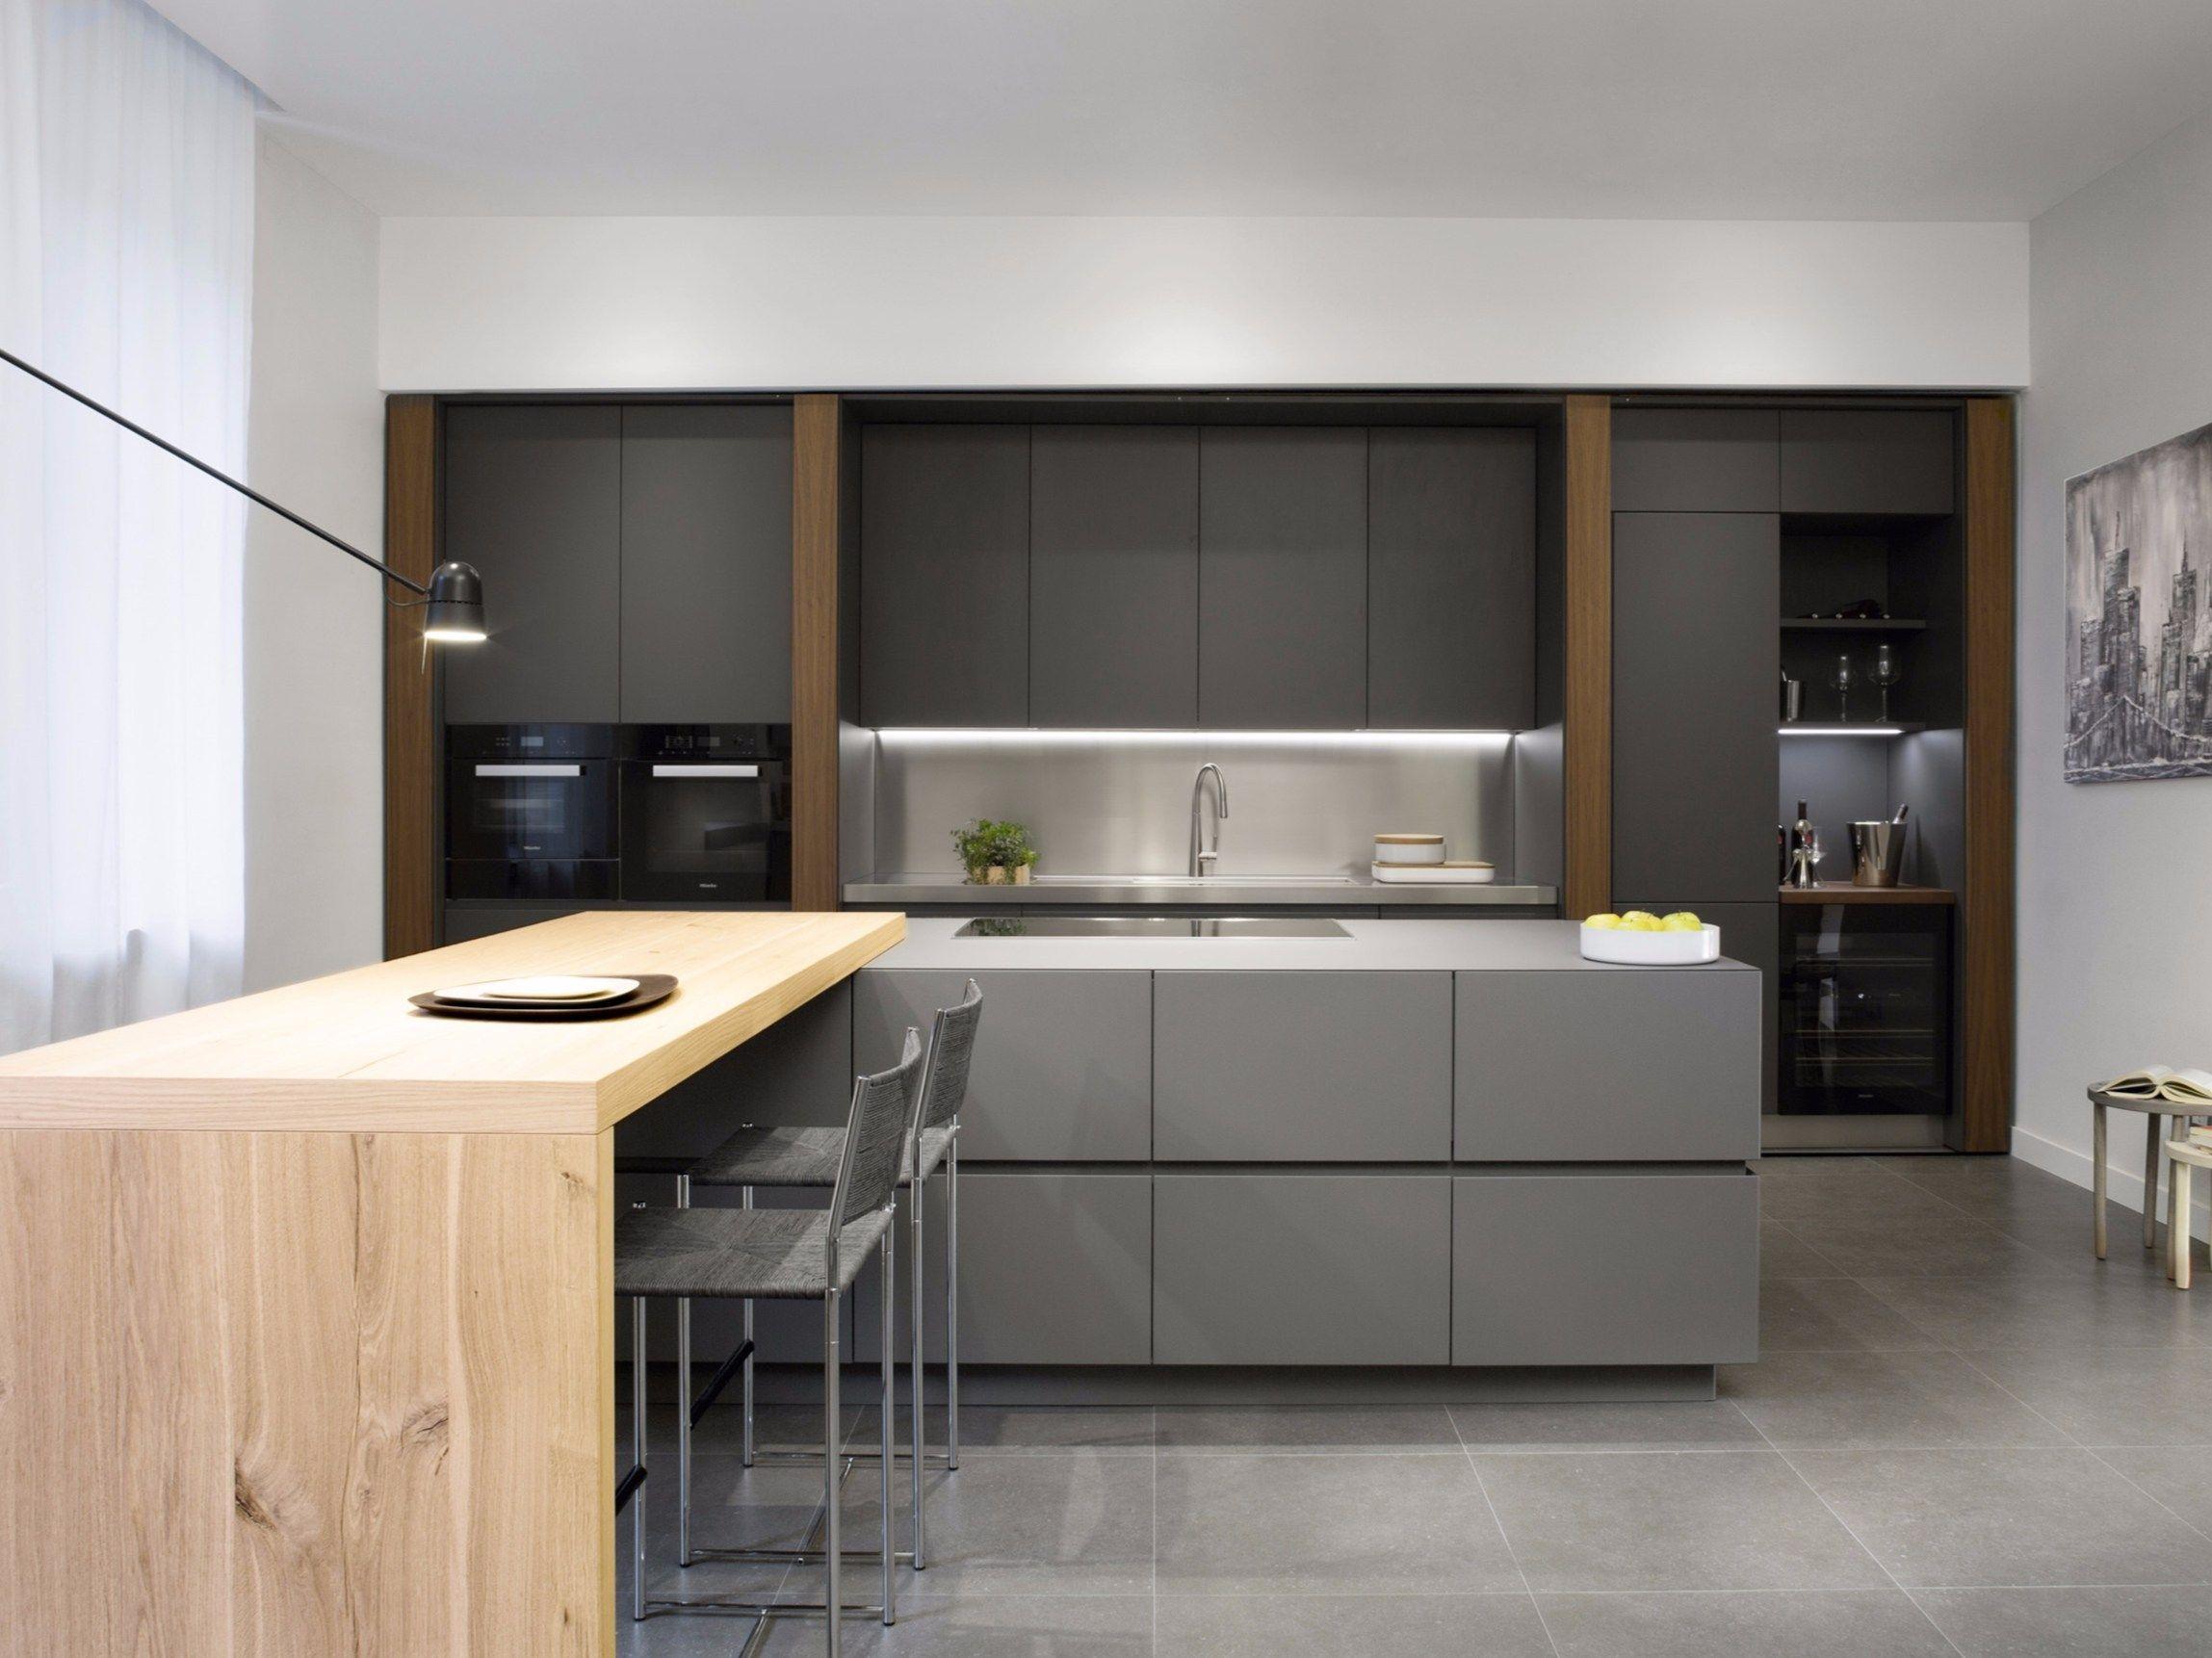 Cucine Per Miniappartamenti